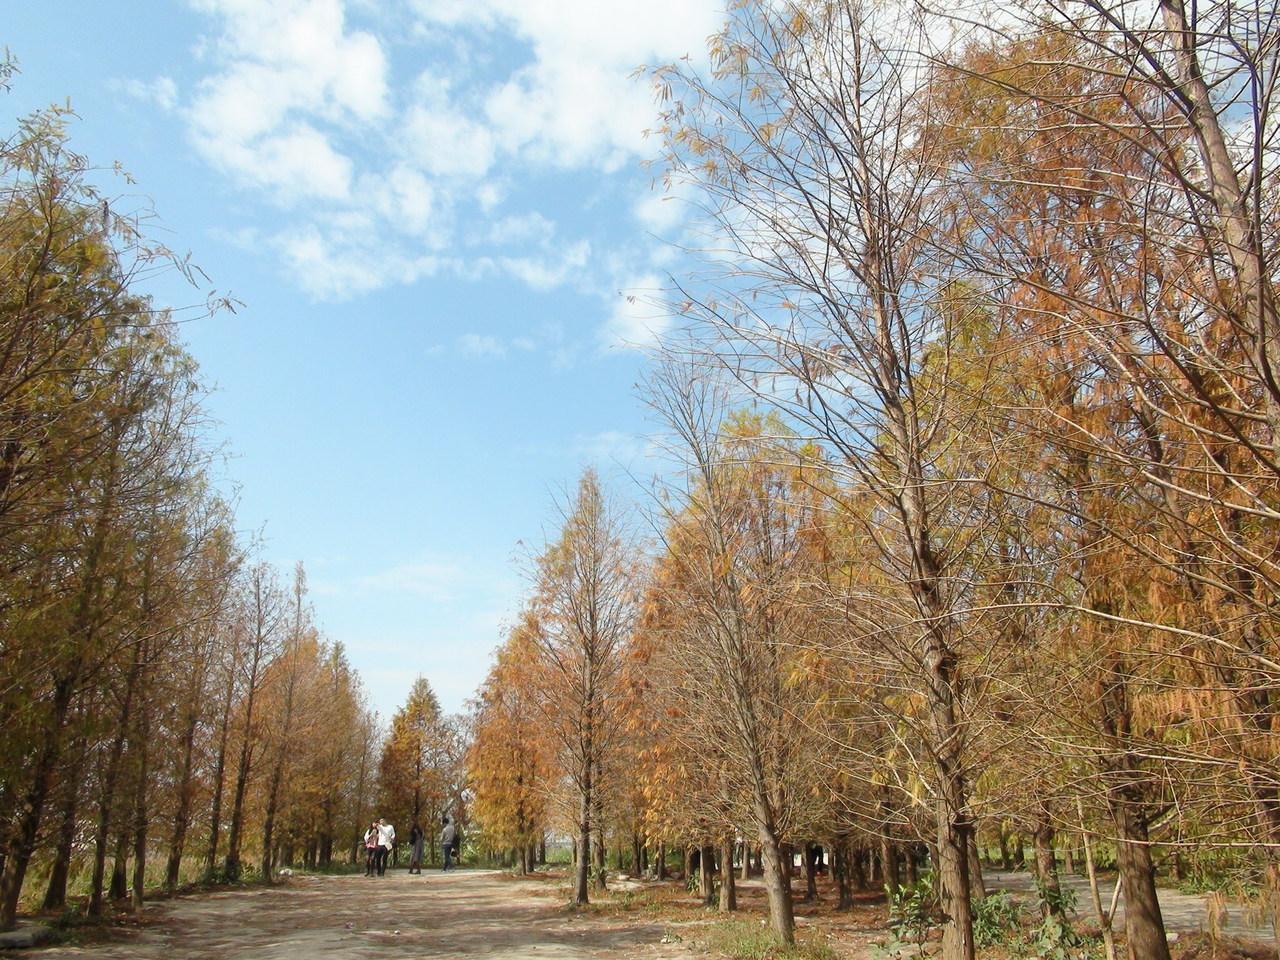 秋天網美秘境,台中追「落羽松」感受秋意氛圍   橘世代